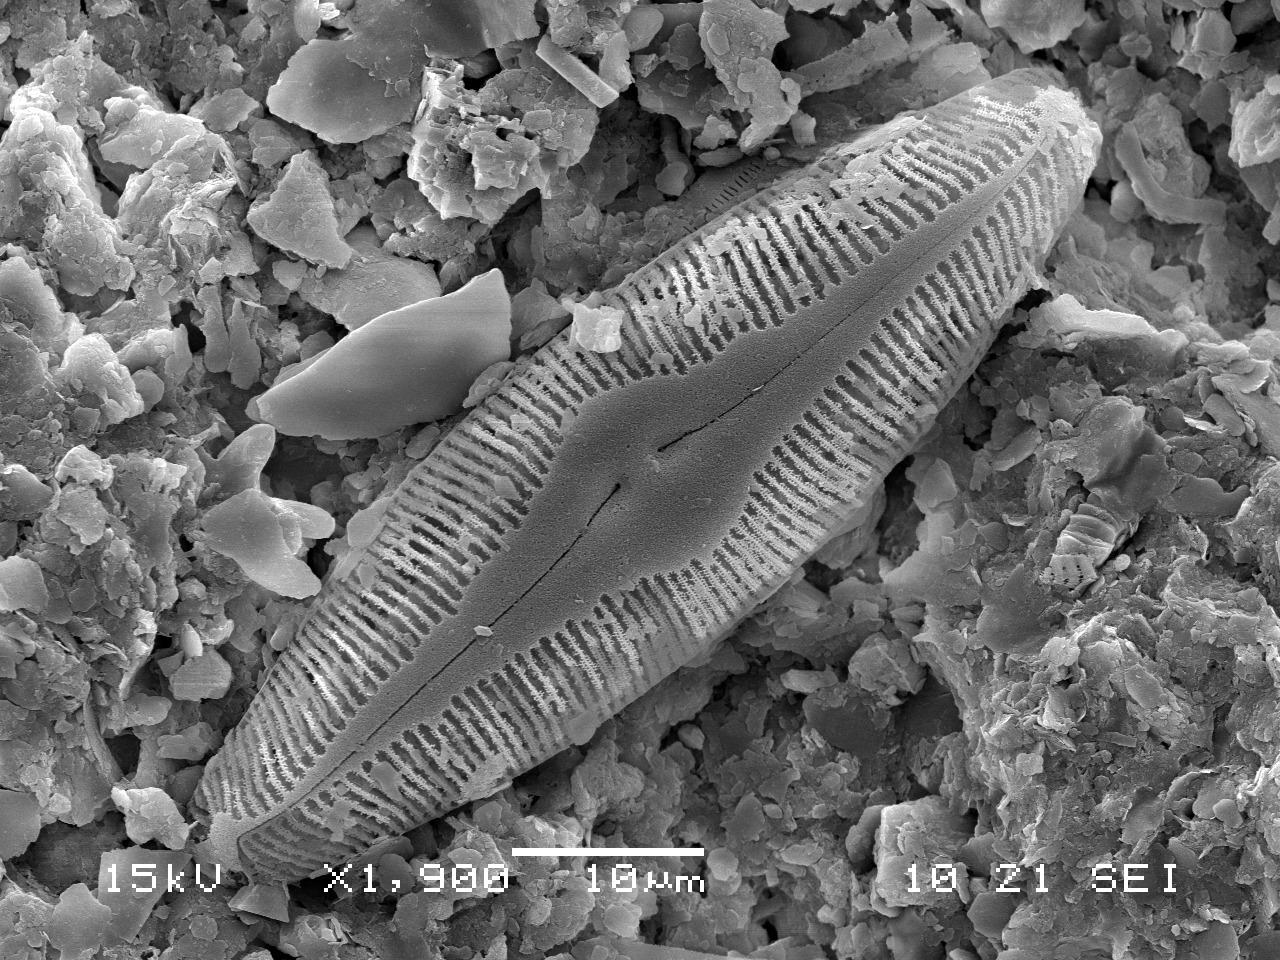 피눌라리아 푸사나(Pinnularia fusana) [사진 국립낙동강생물자원관]